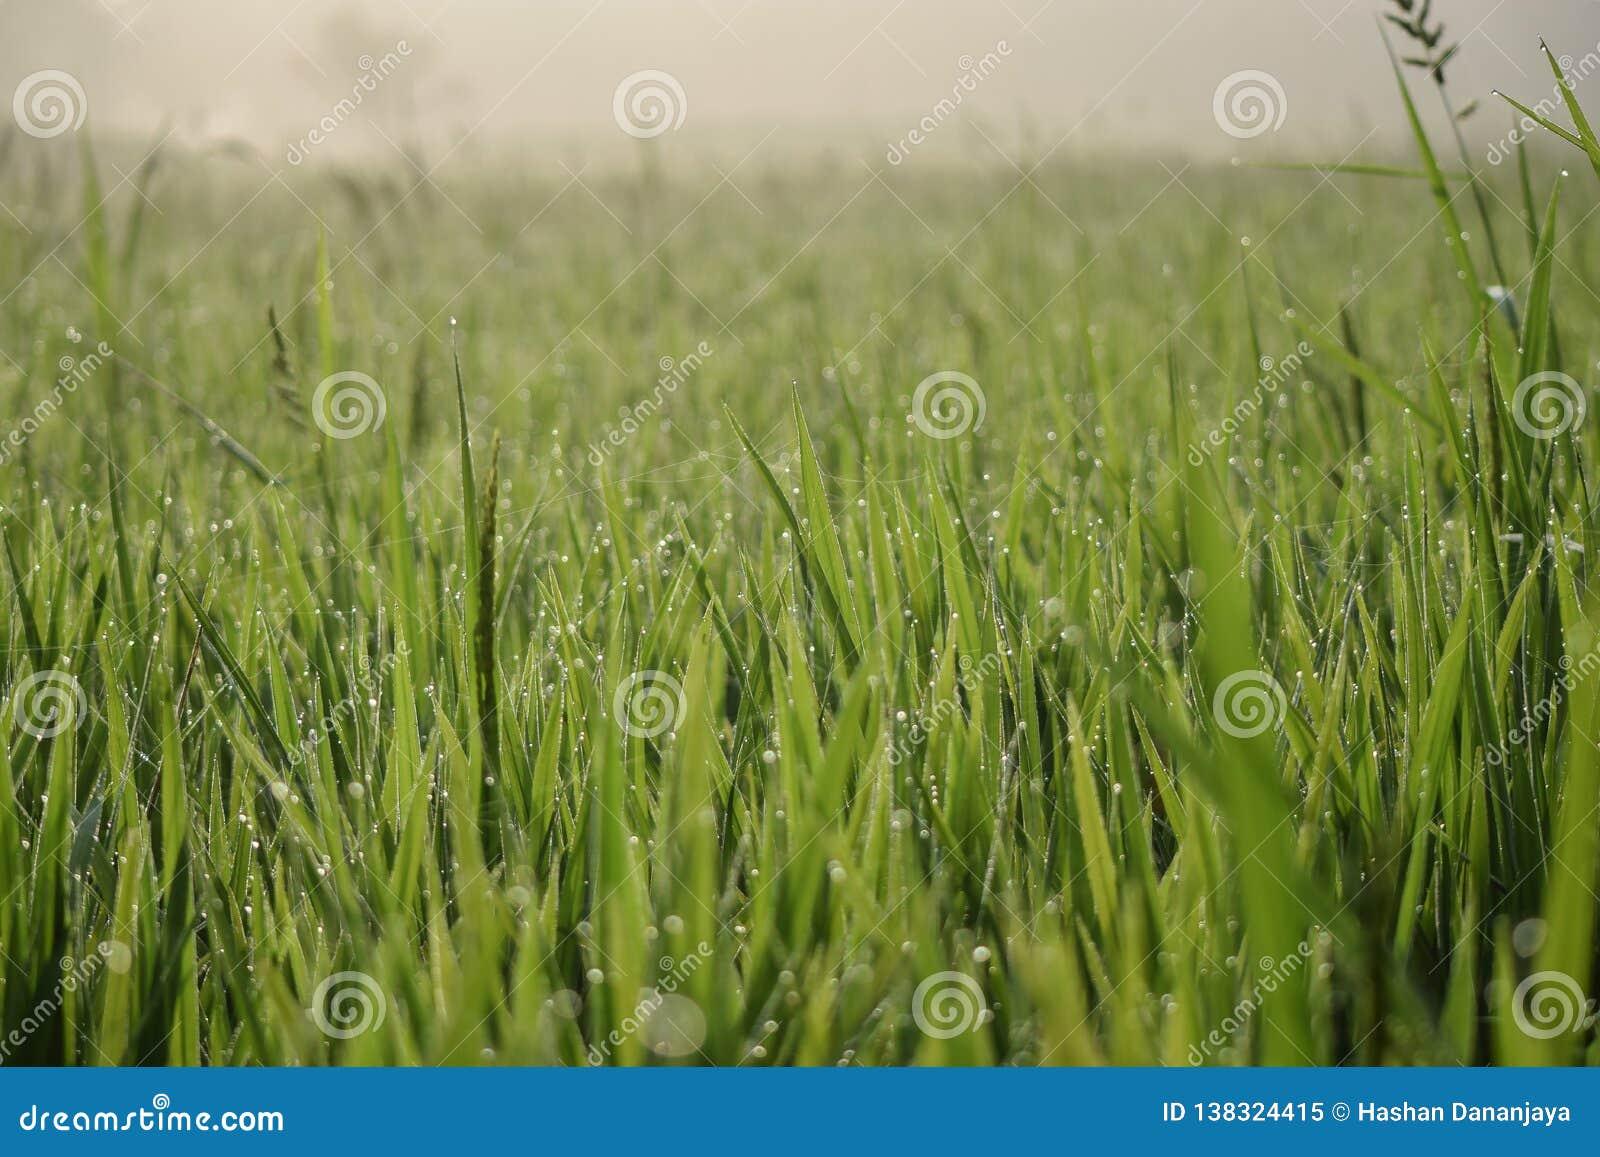 Reisfeldhintergrund|Morgen|Paddy fild|Hintergrund|schön |grün